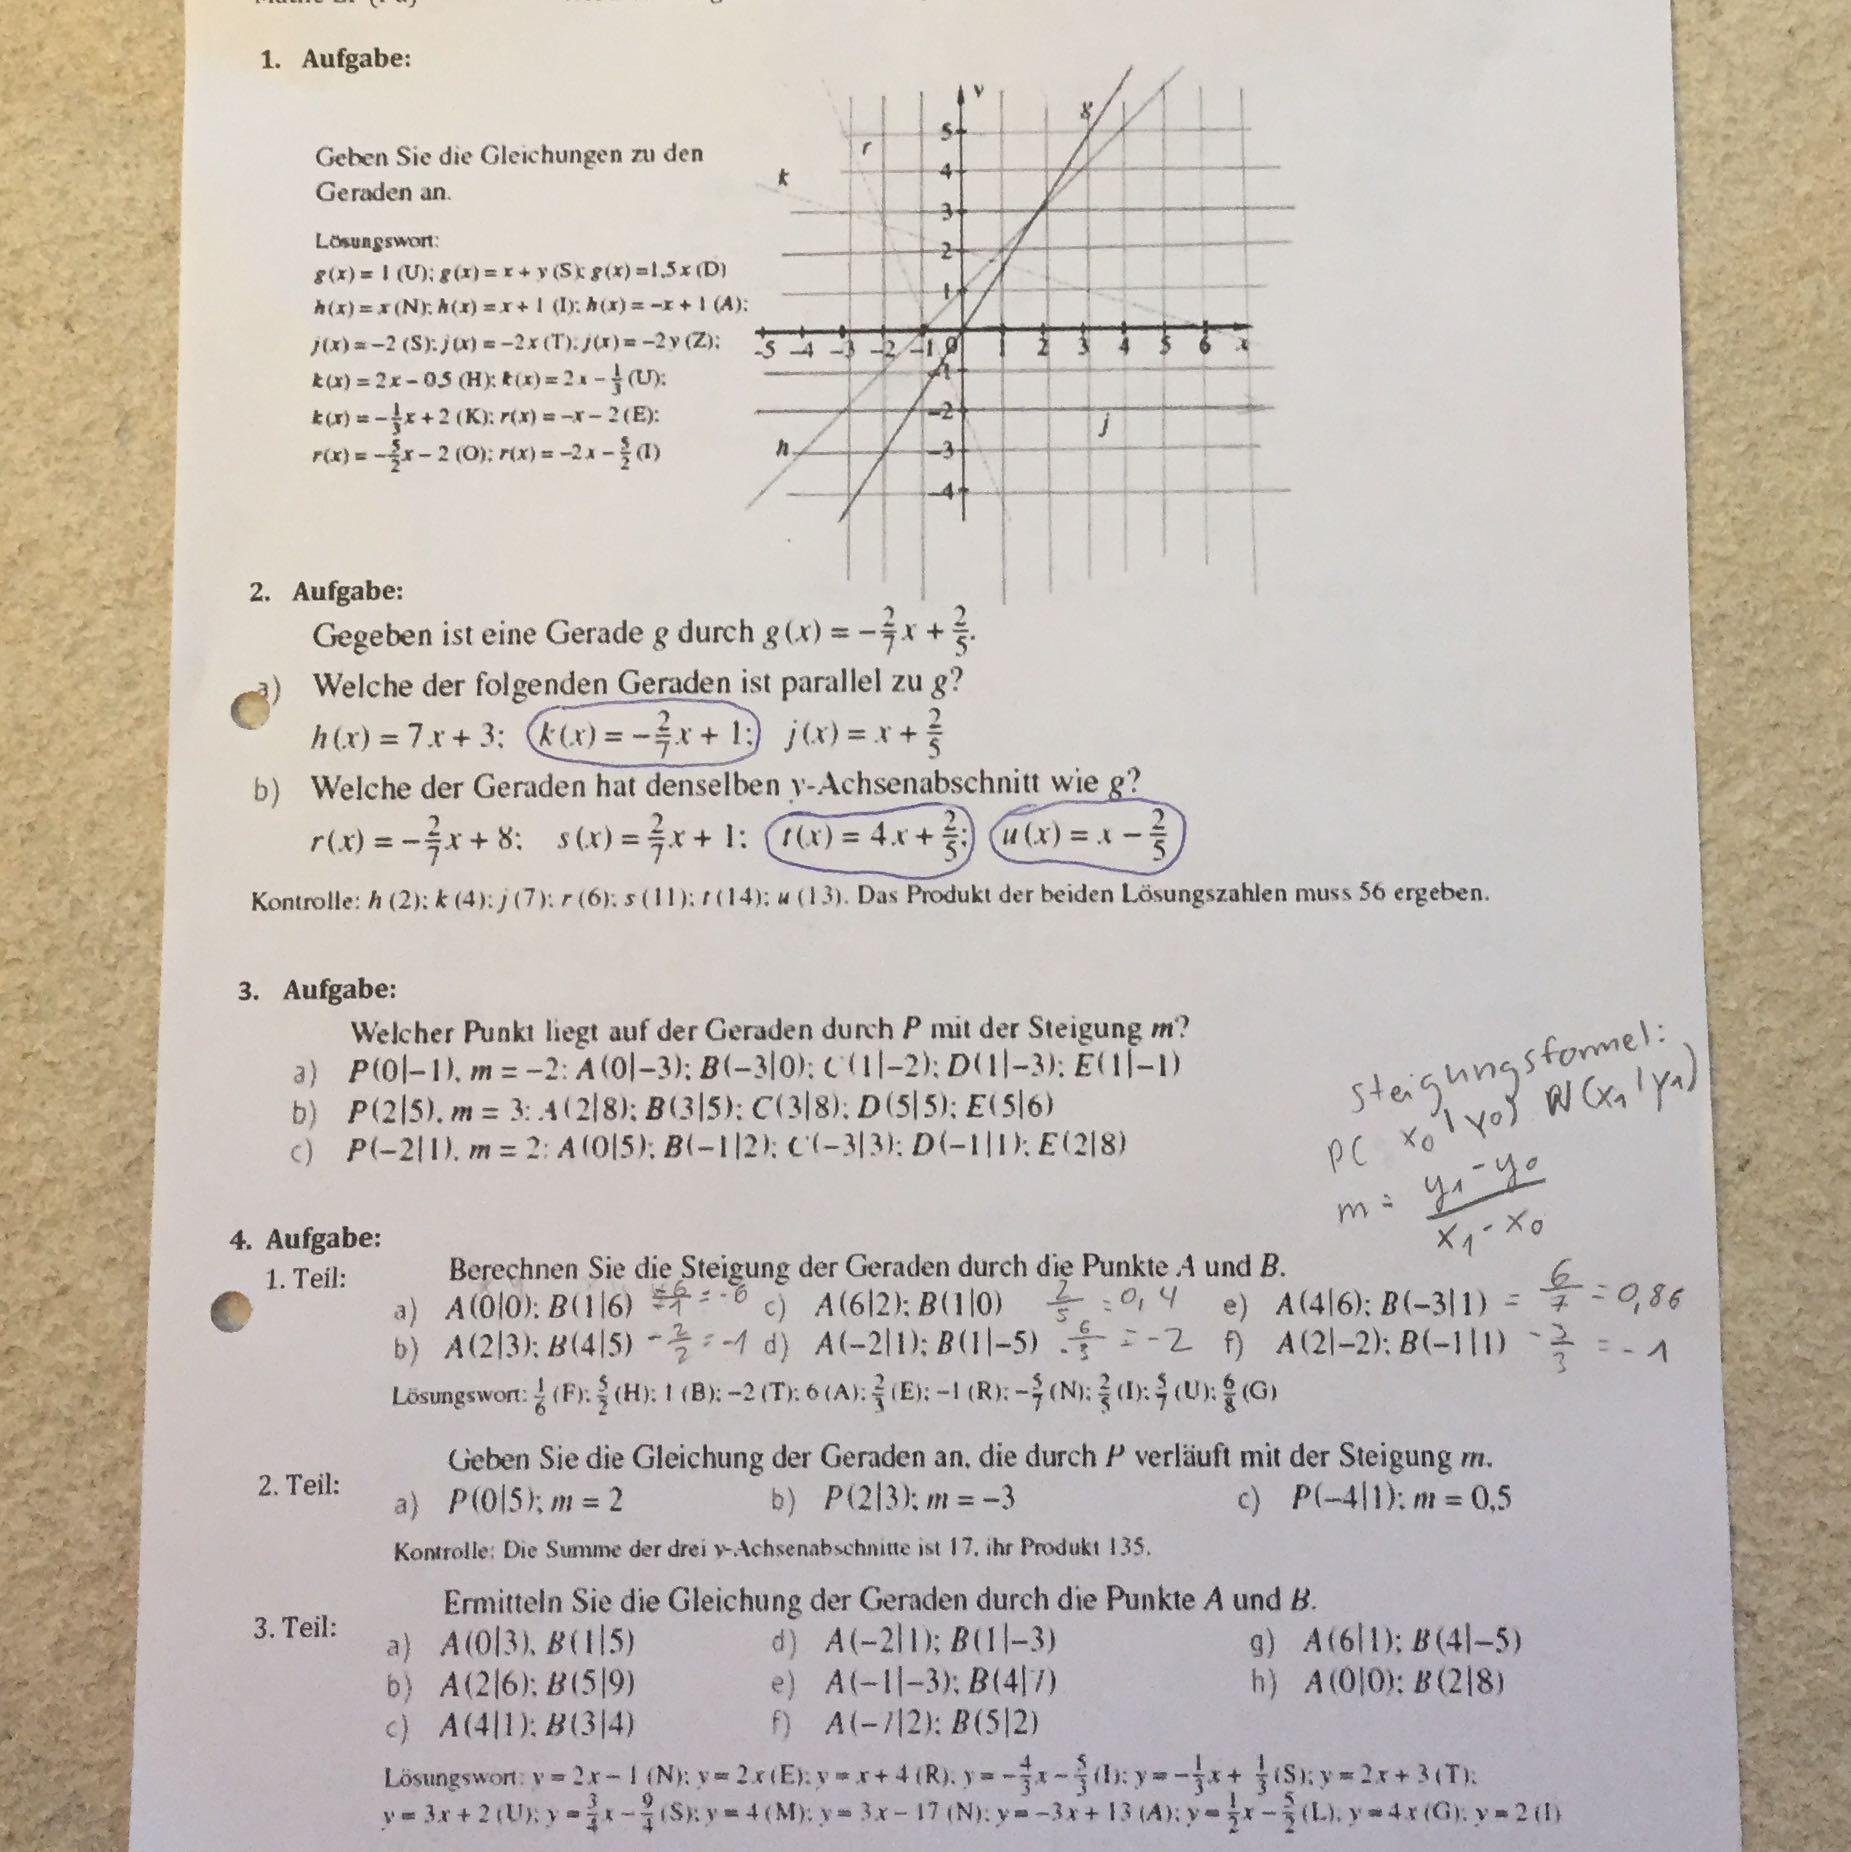 Schön Math Hilfen Arbeitsblatt Antworten Bilder - Super Lehrer ...